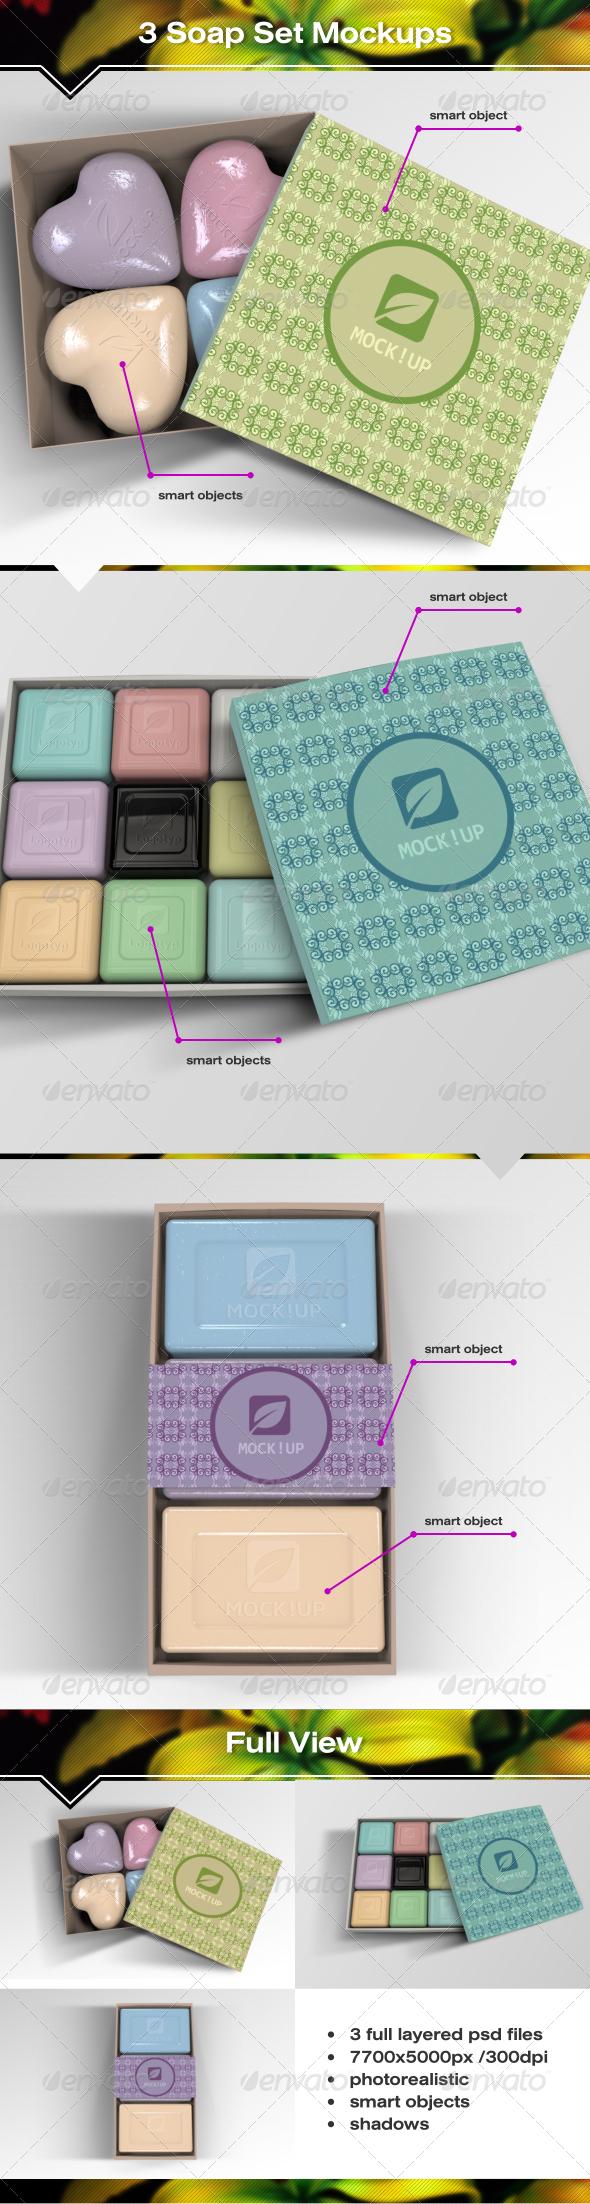 GraphicRiver 3 Soap Set Mockups 7530277